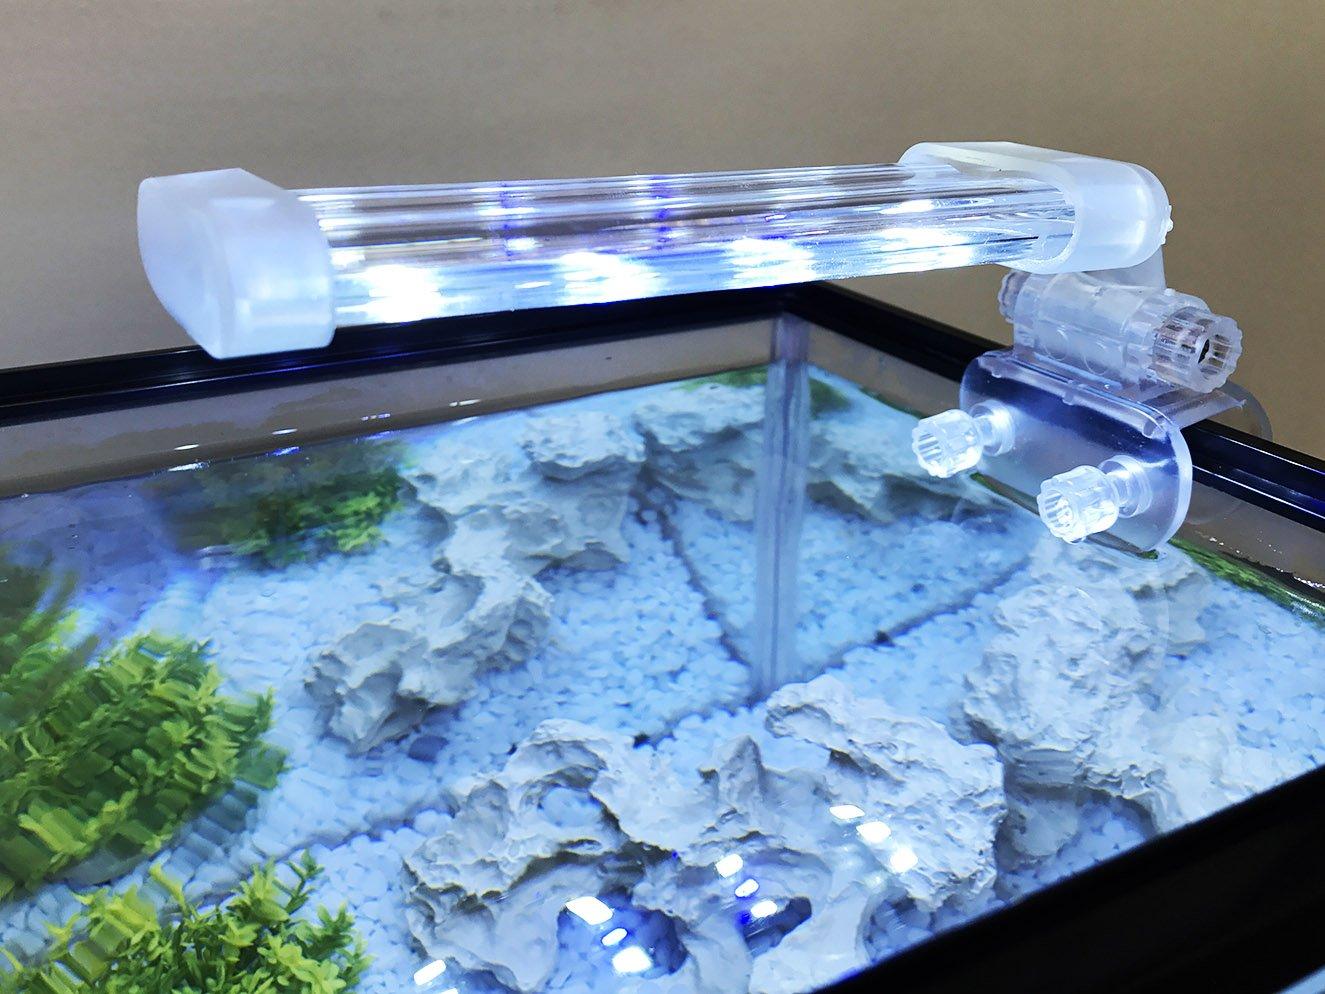 Bps lampada per acquario led illuminazione luci per piante